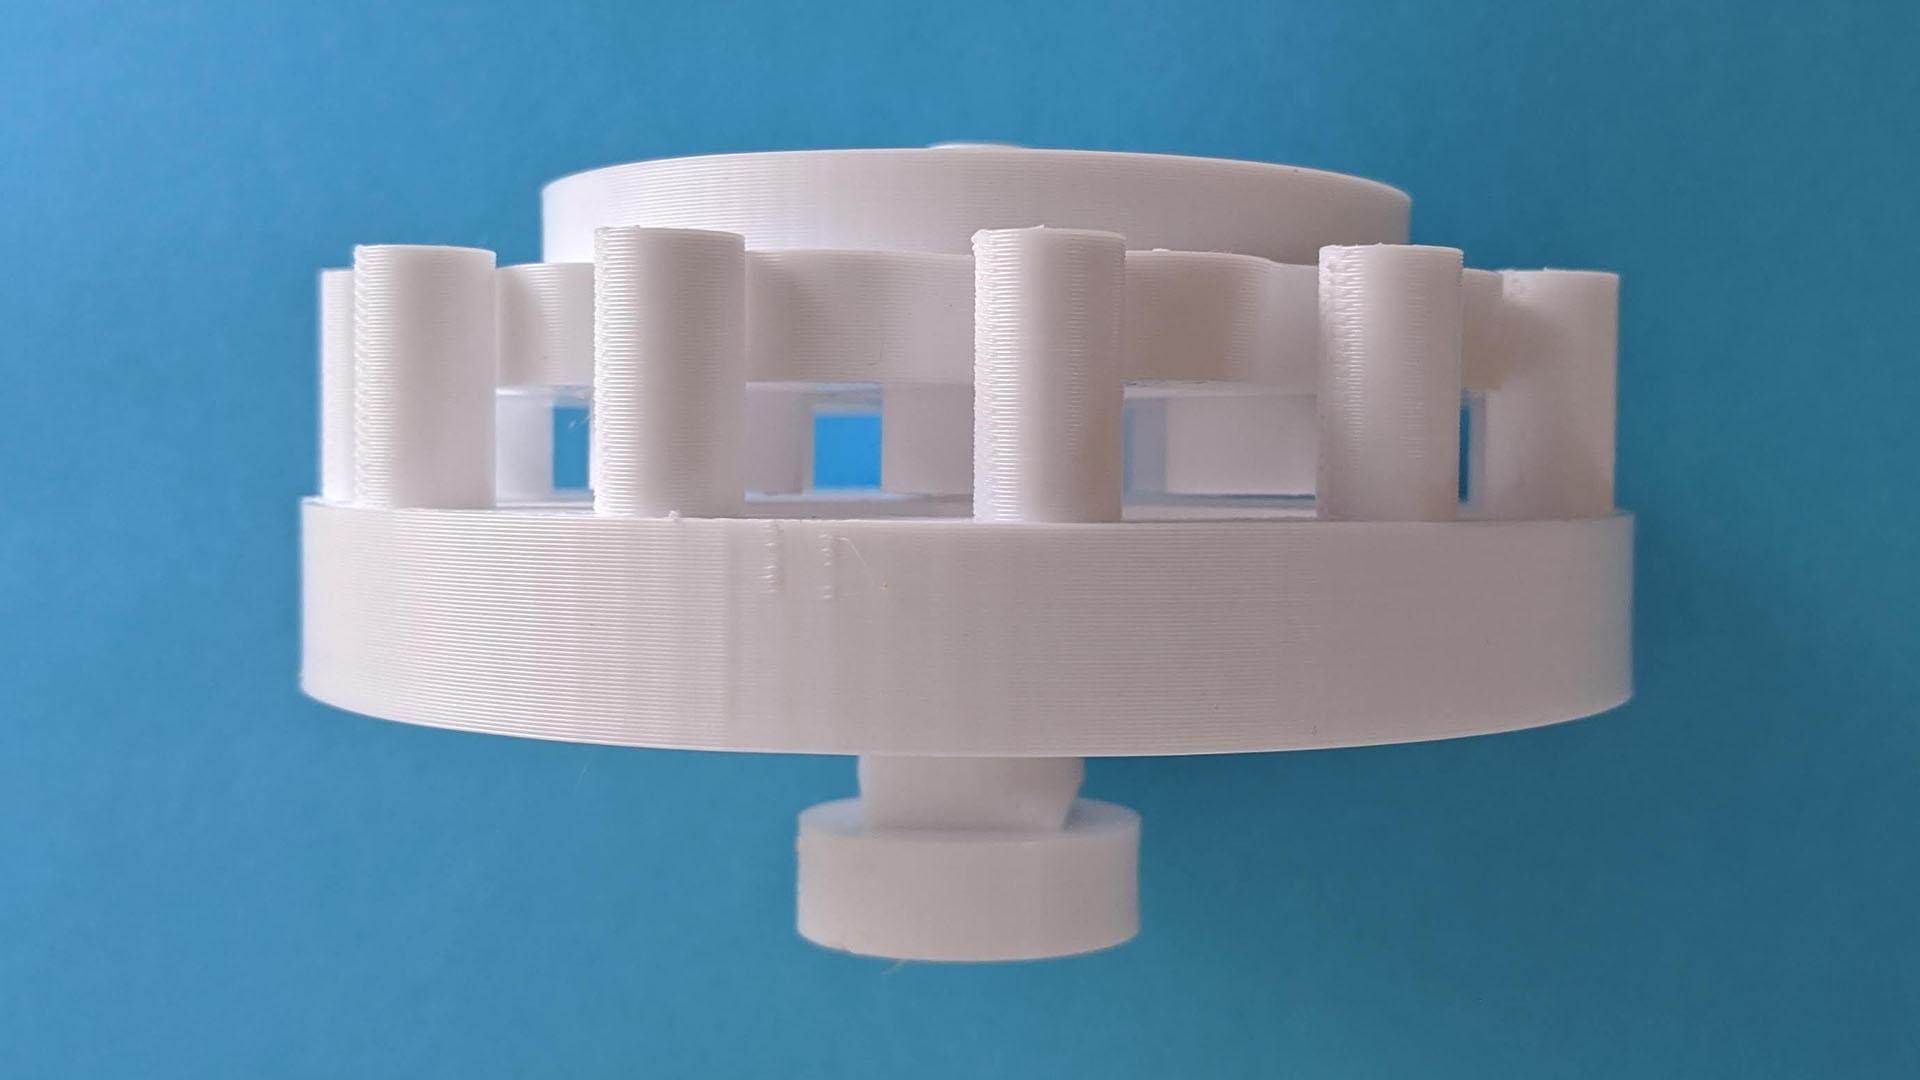 Hypocycloid demo model big gap